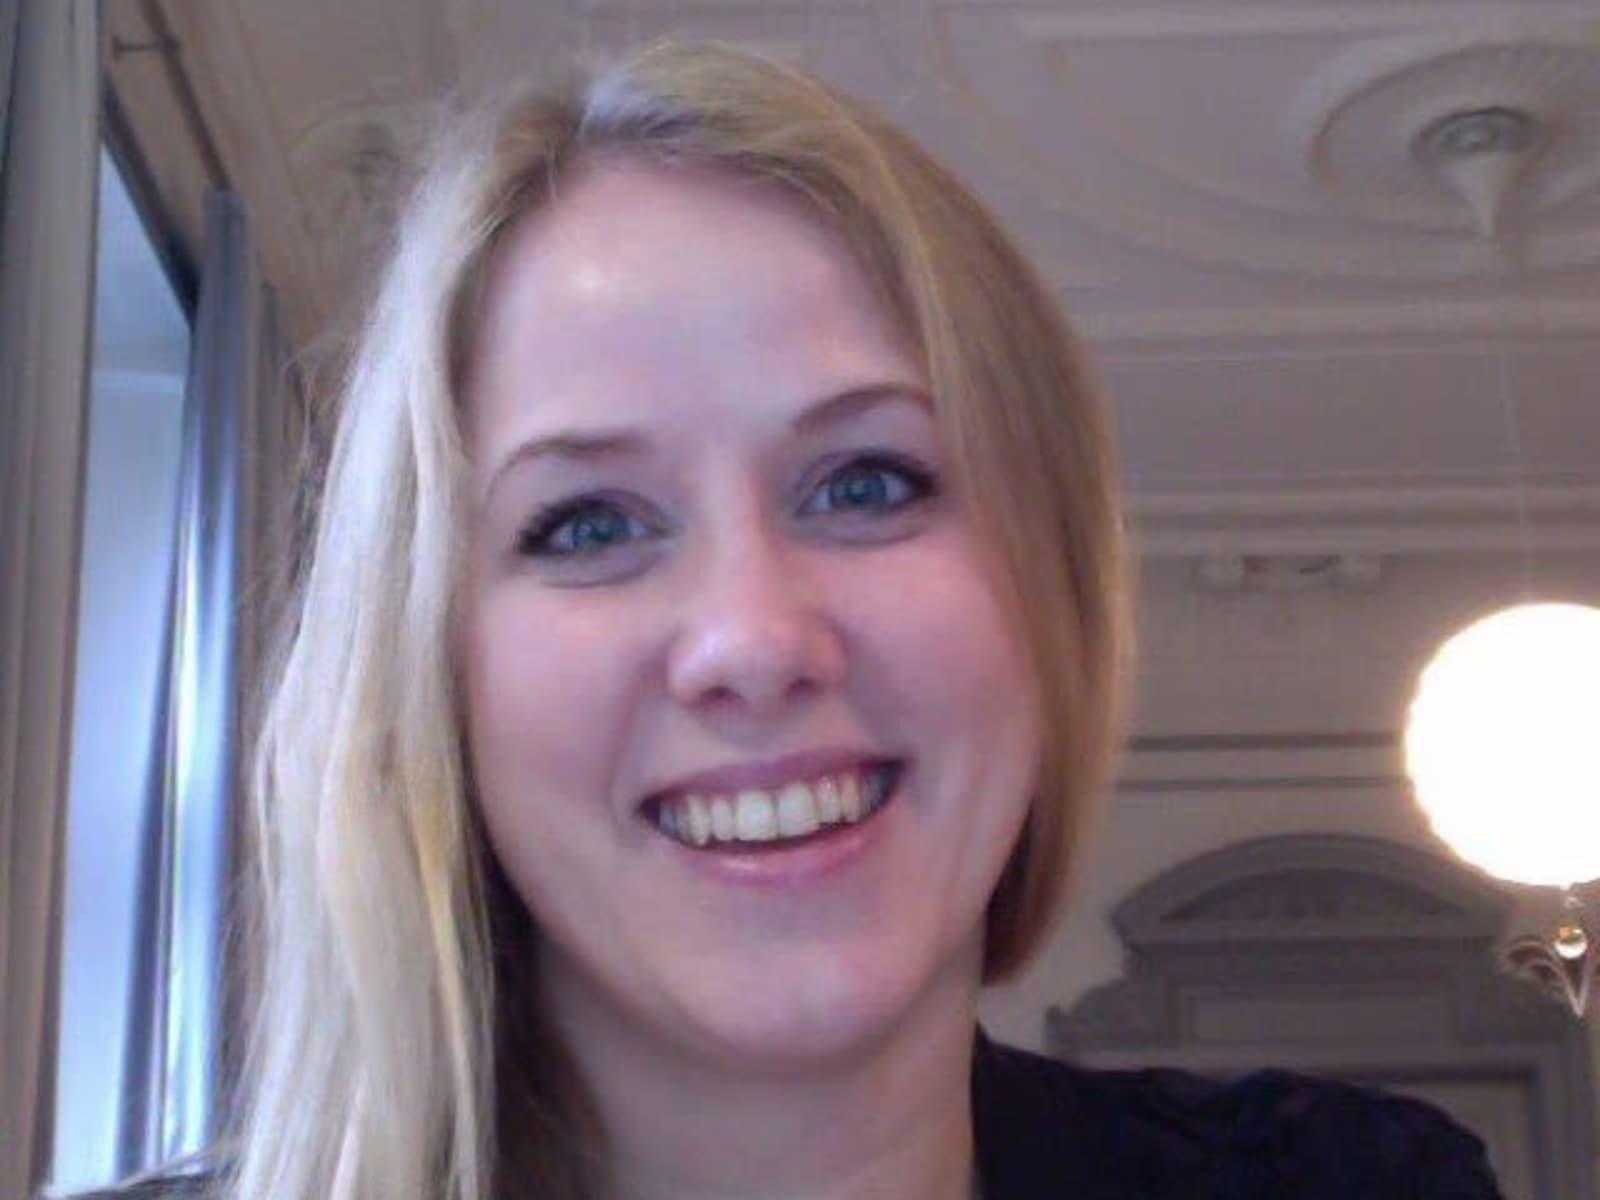 Marit from Hamburg, Germany